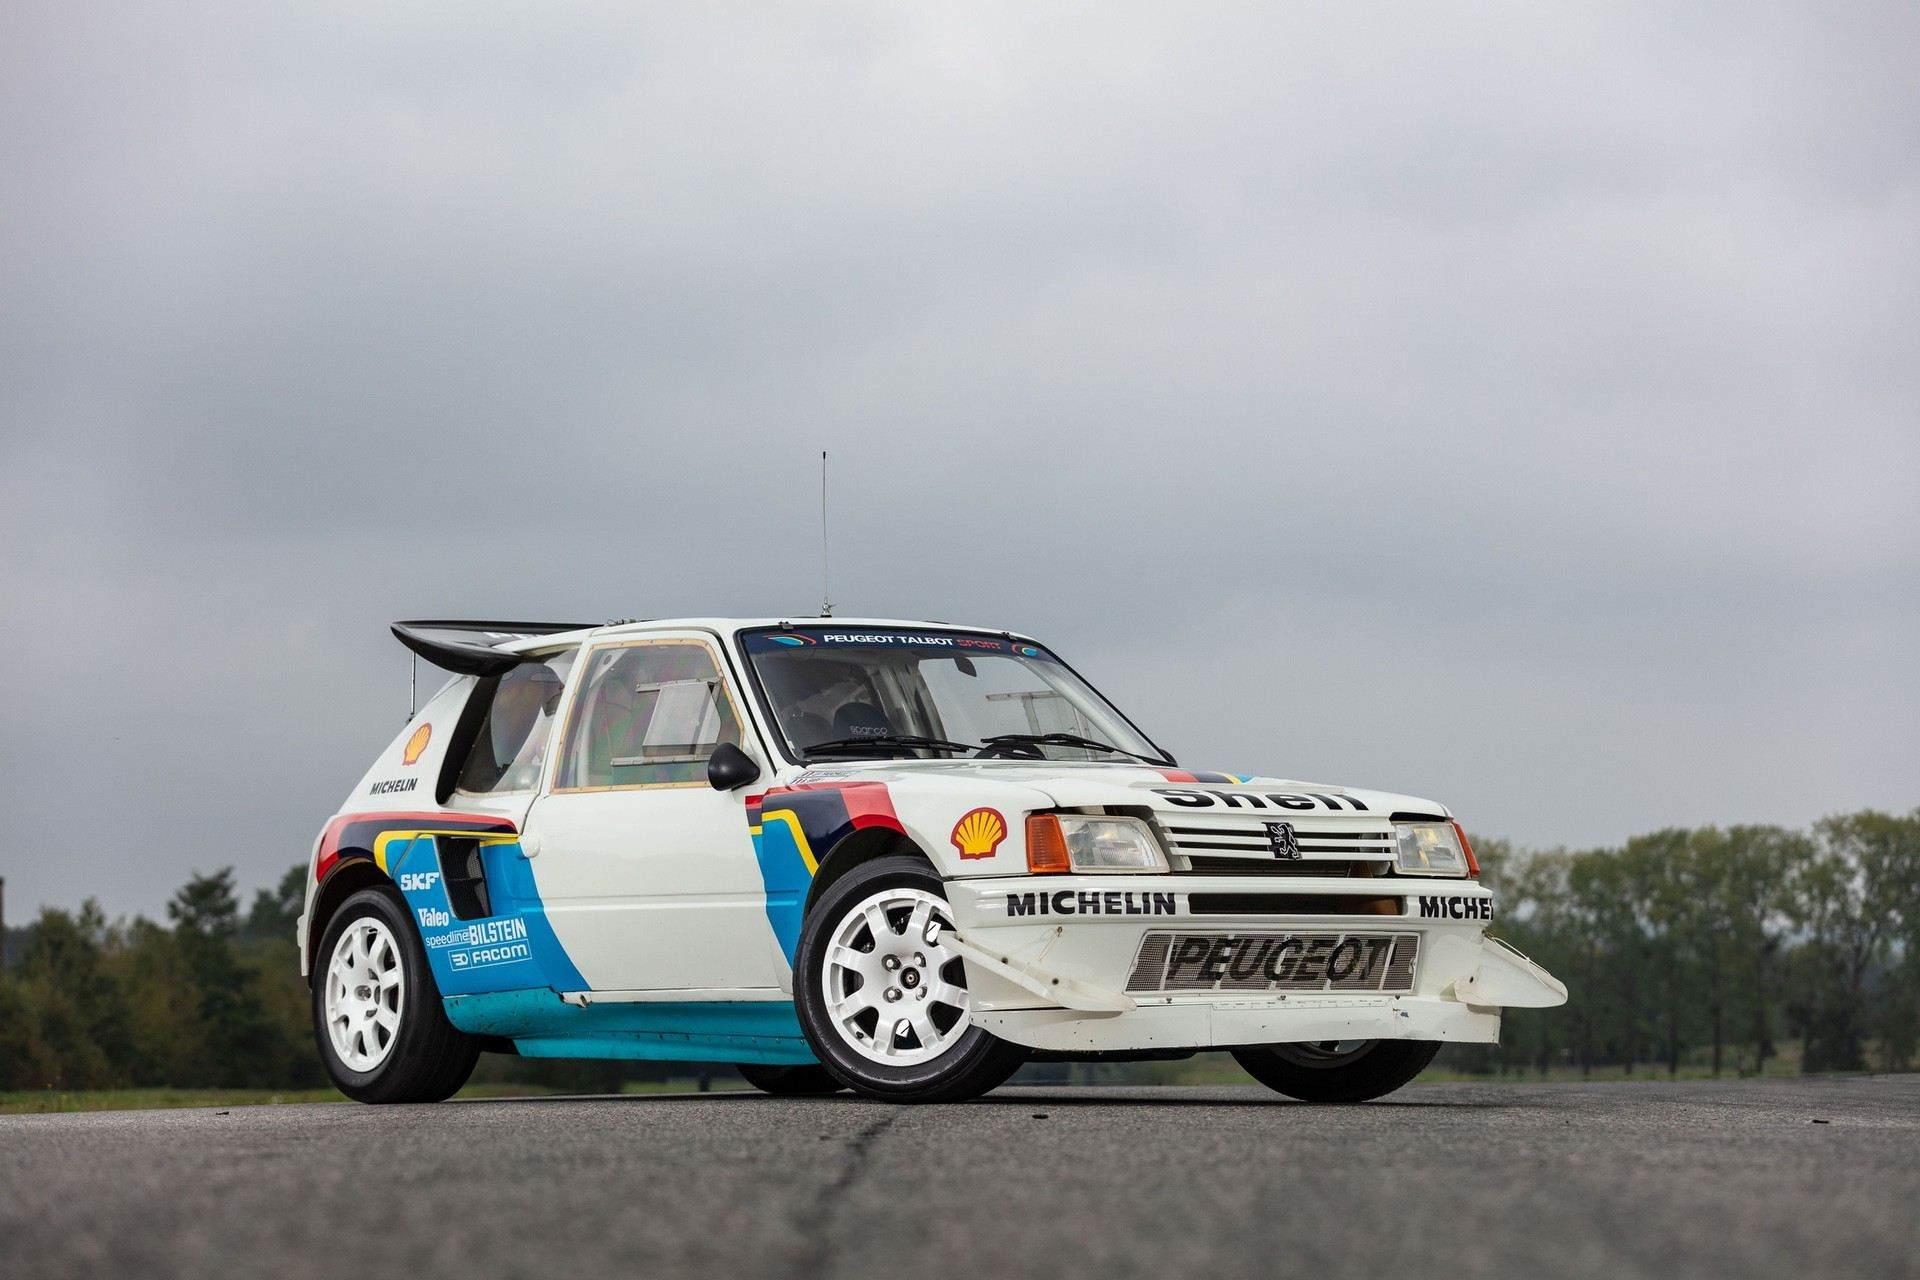 1985_Peugeot_205_Turbo_16_Evolution_2_sale-0007